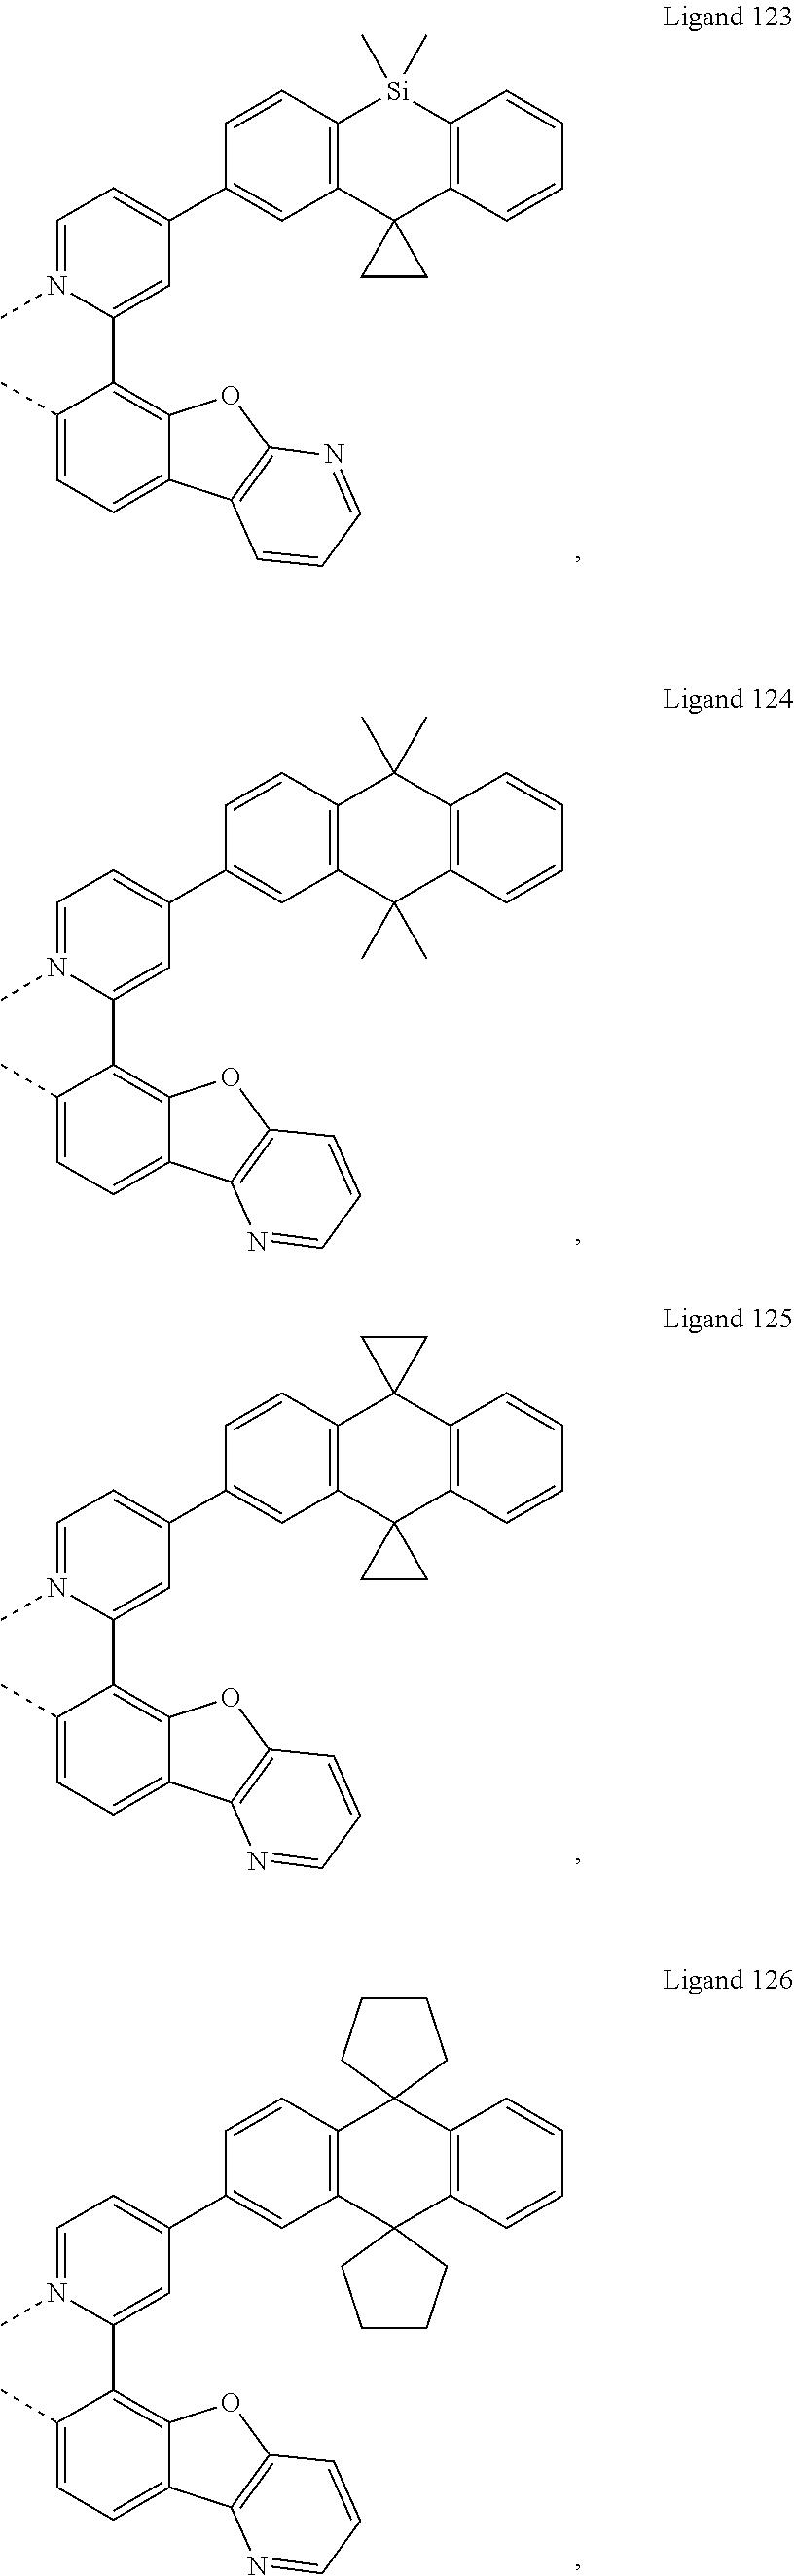 Figure US20180130962A1-20180510-C00257